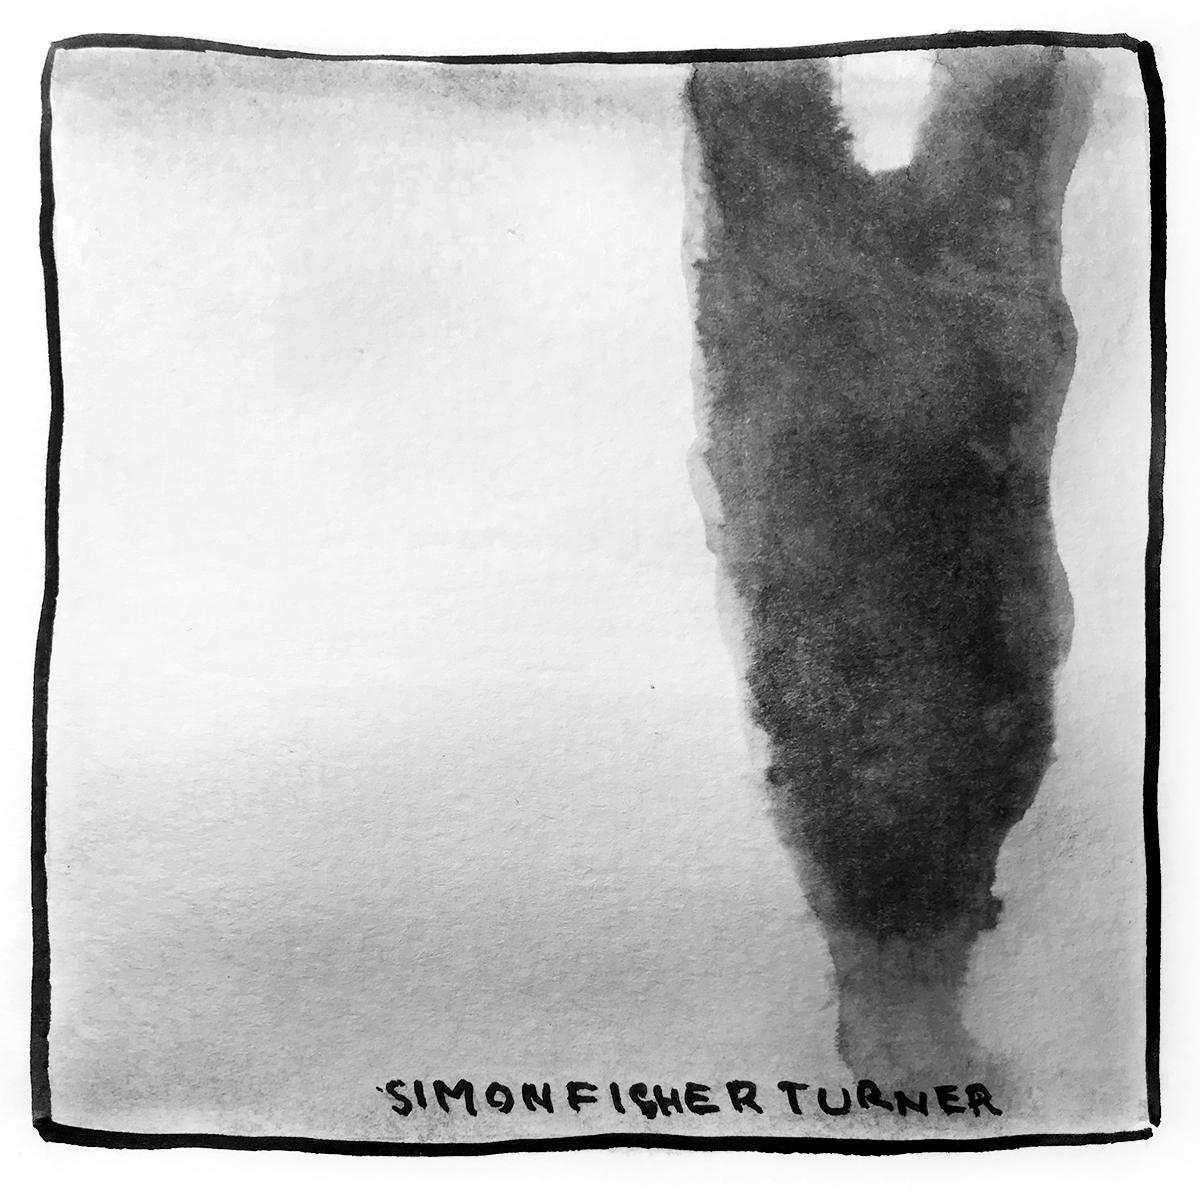 simonFisherTurner.jpg